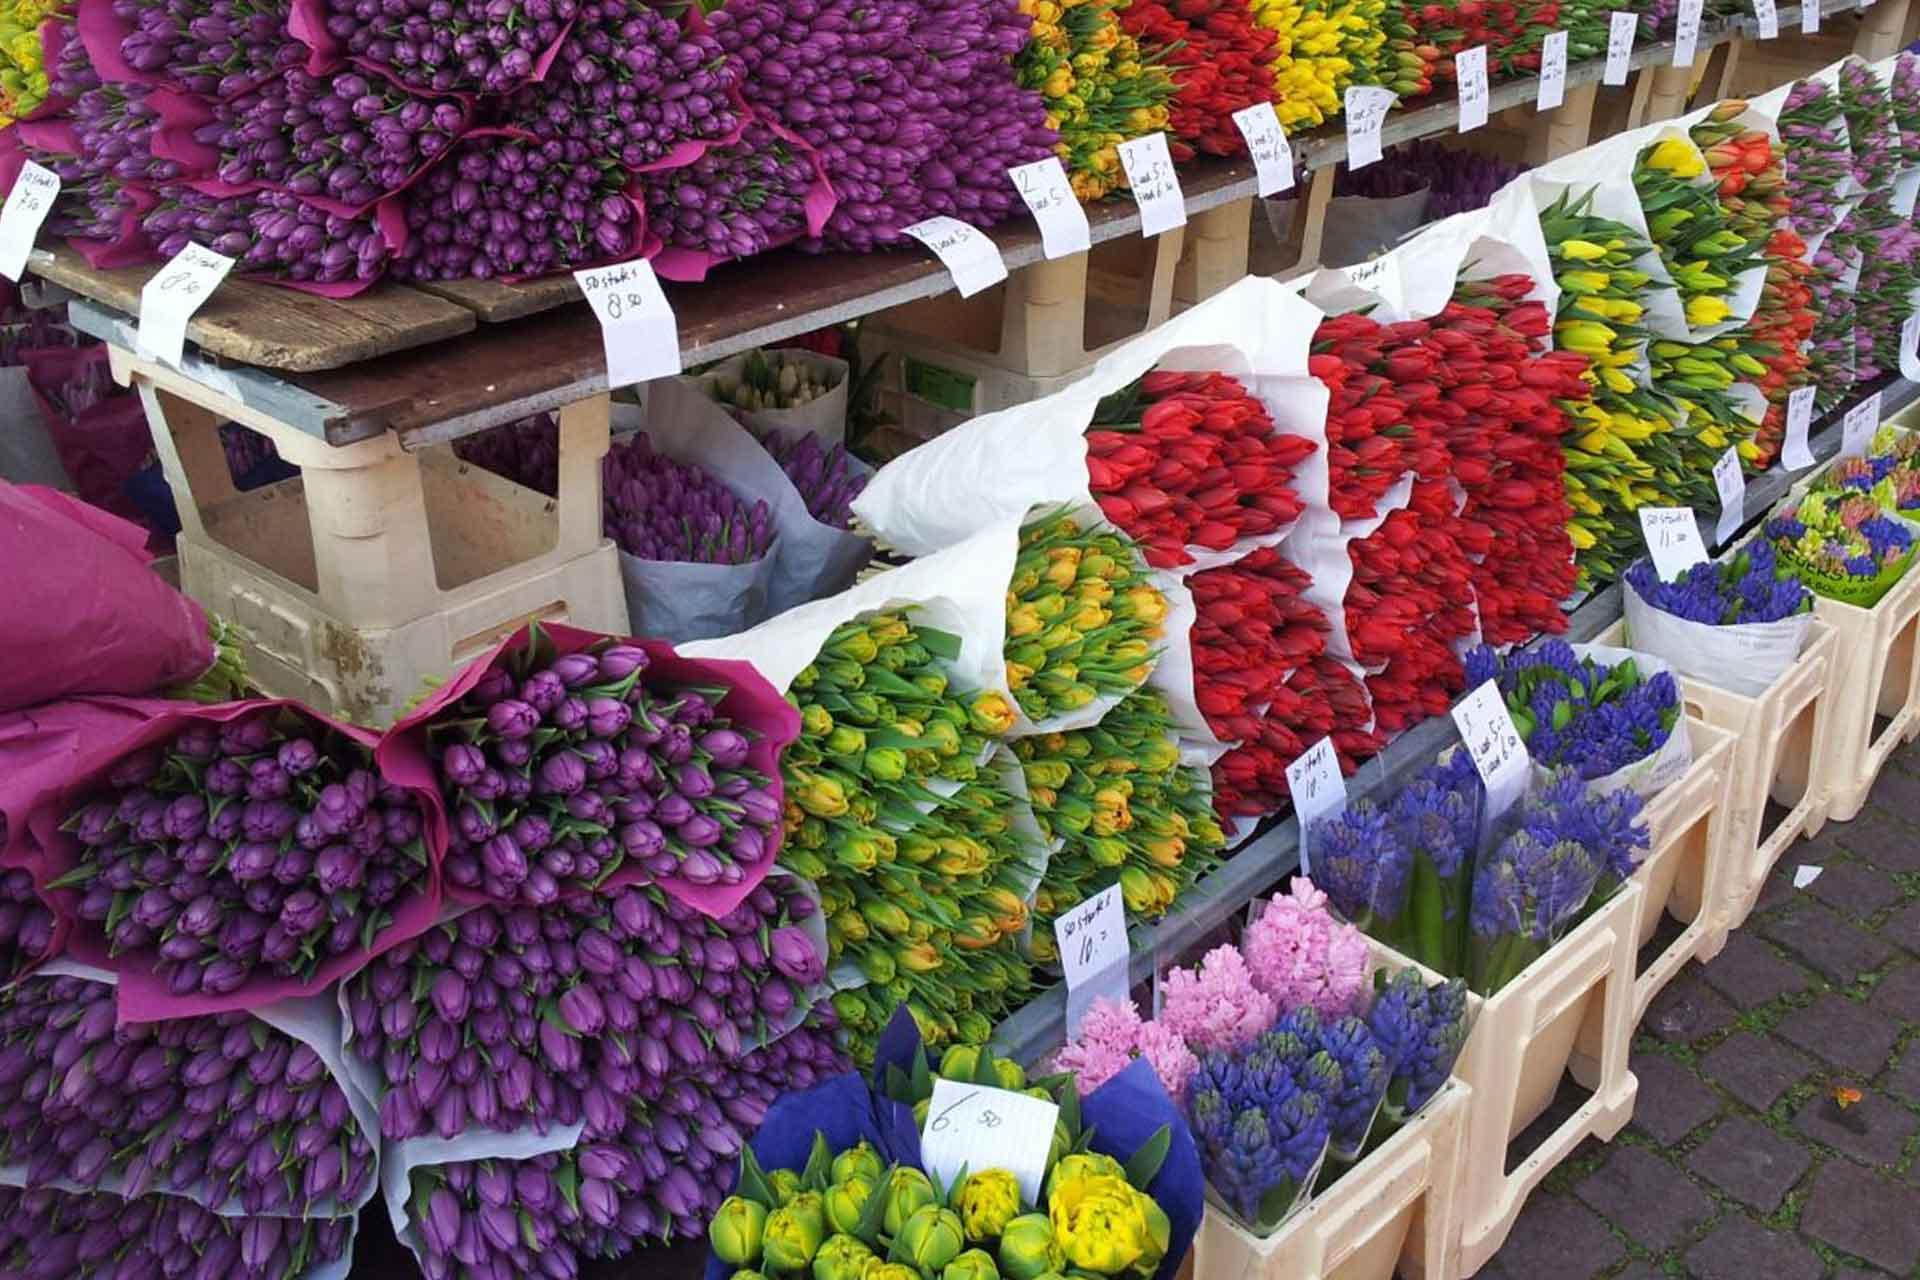 The Flower Market in Maastricht